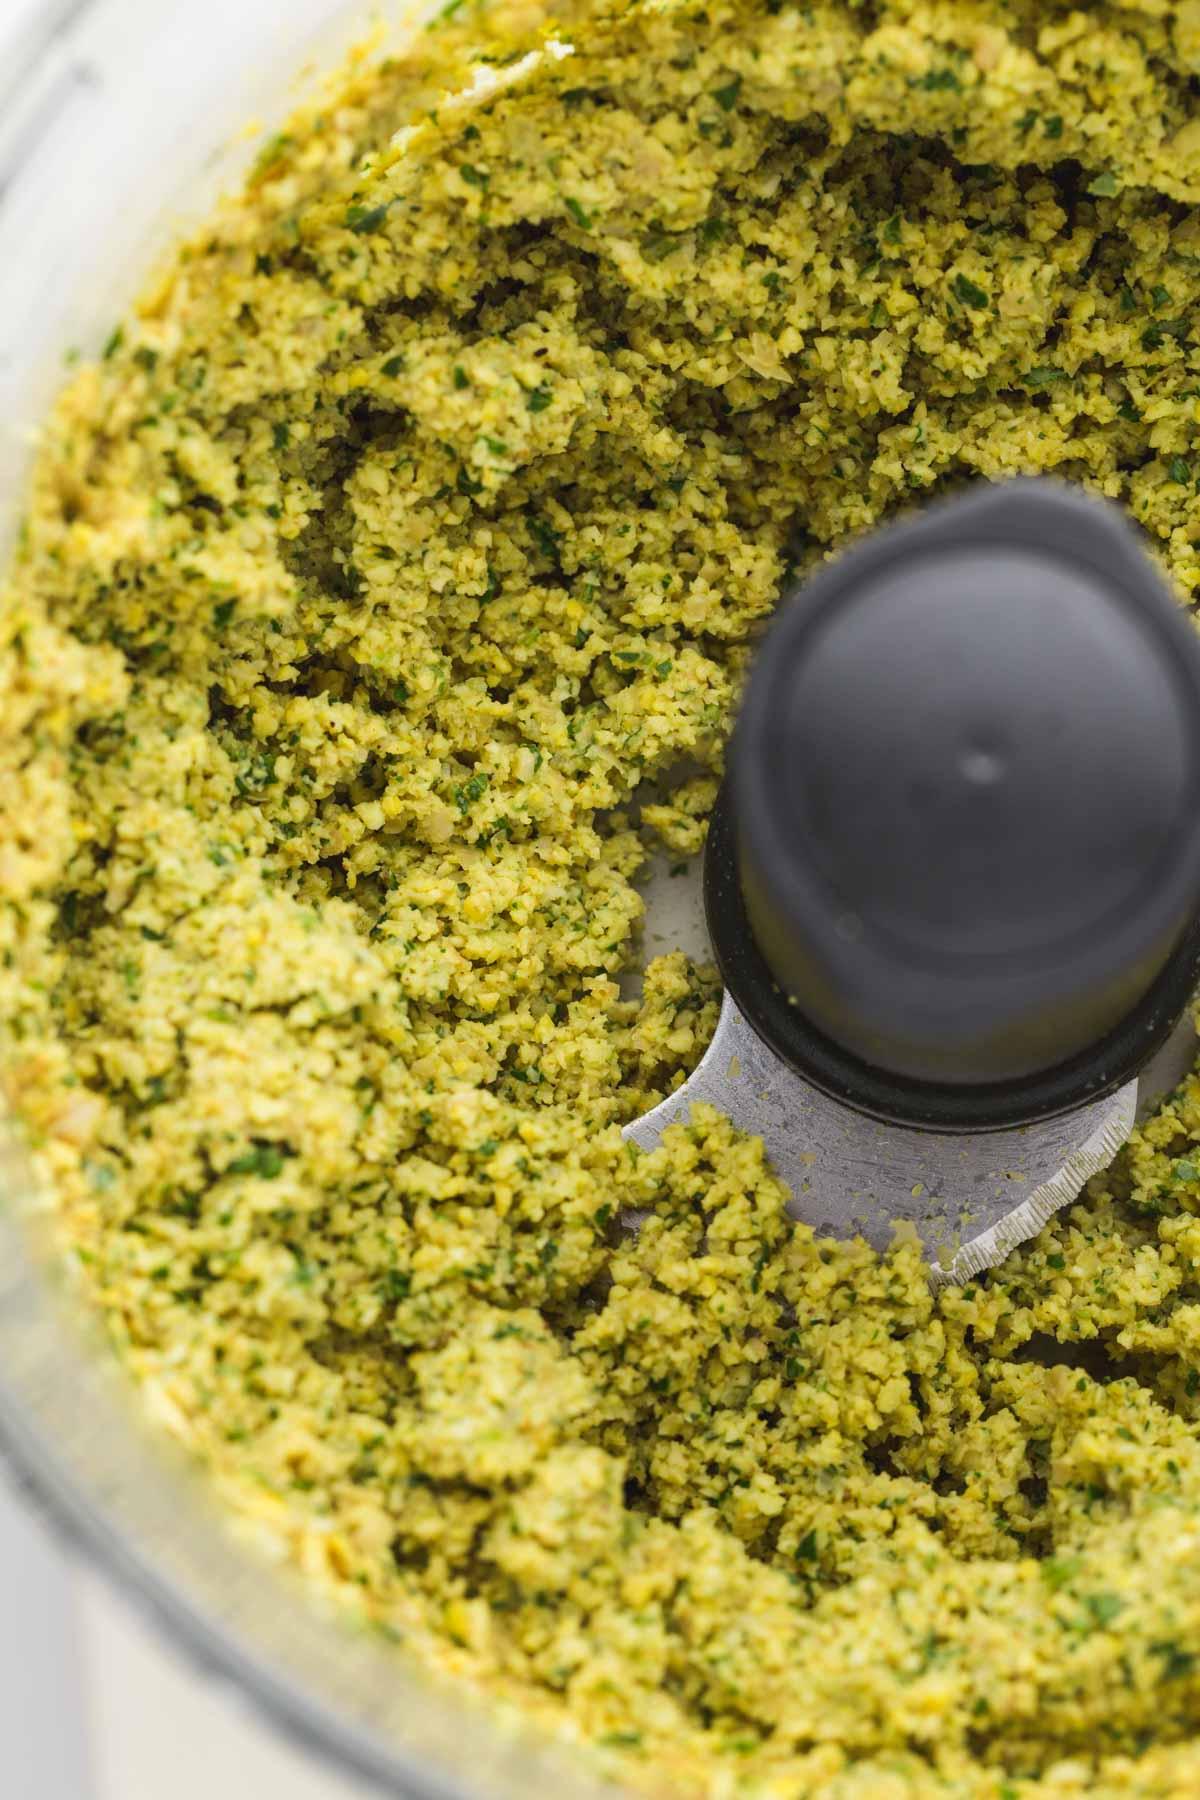 Falafel mixture in a food processor - close up